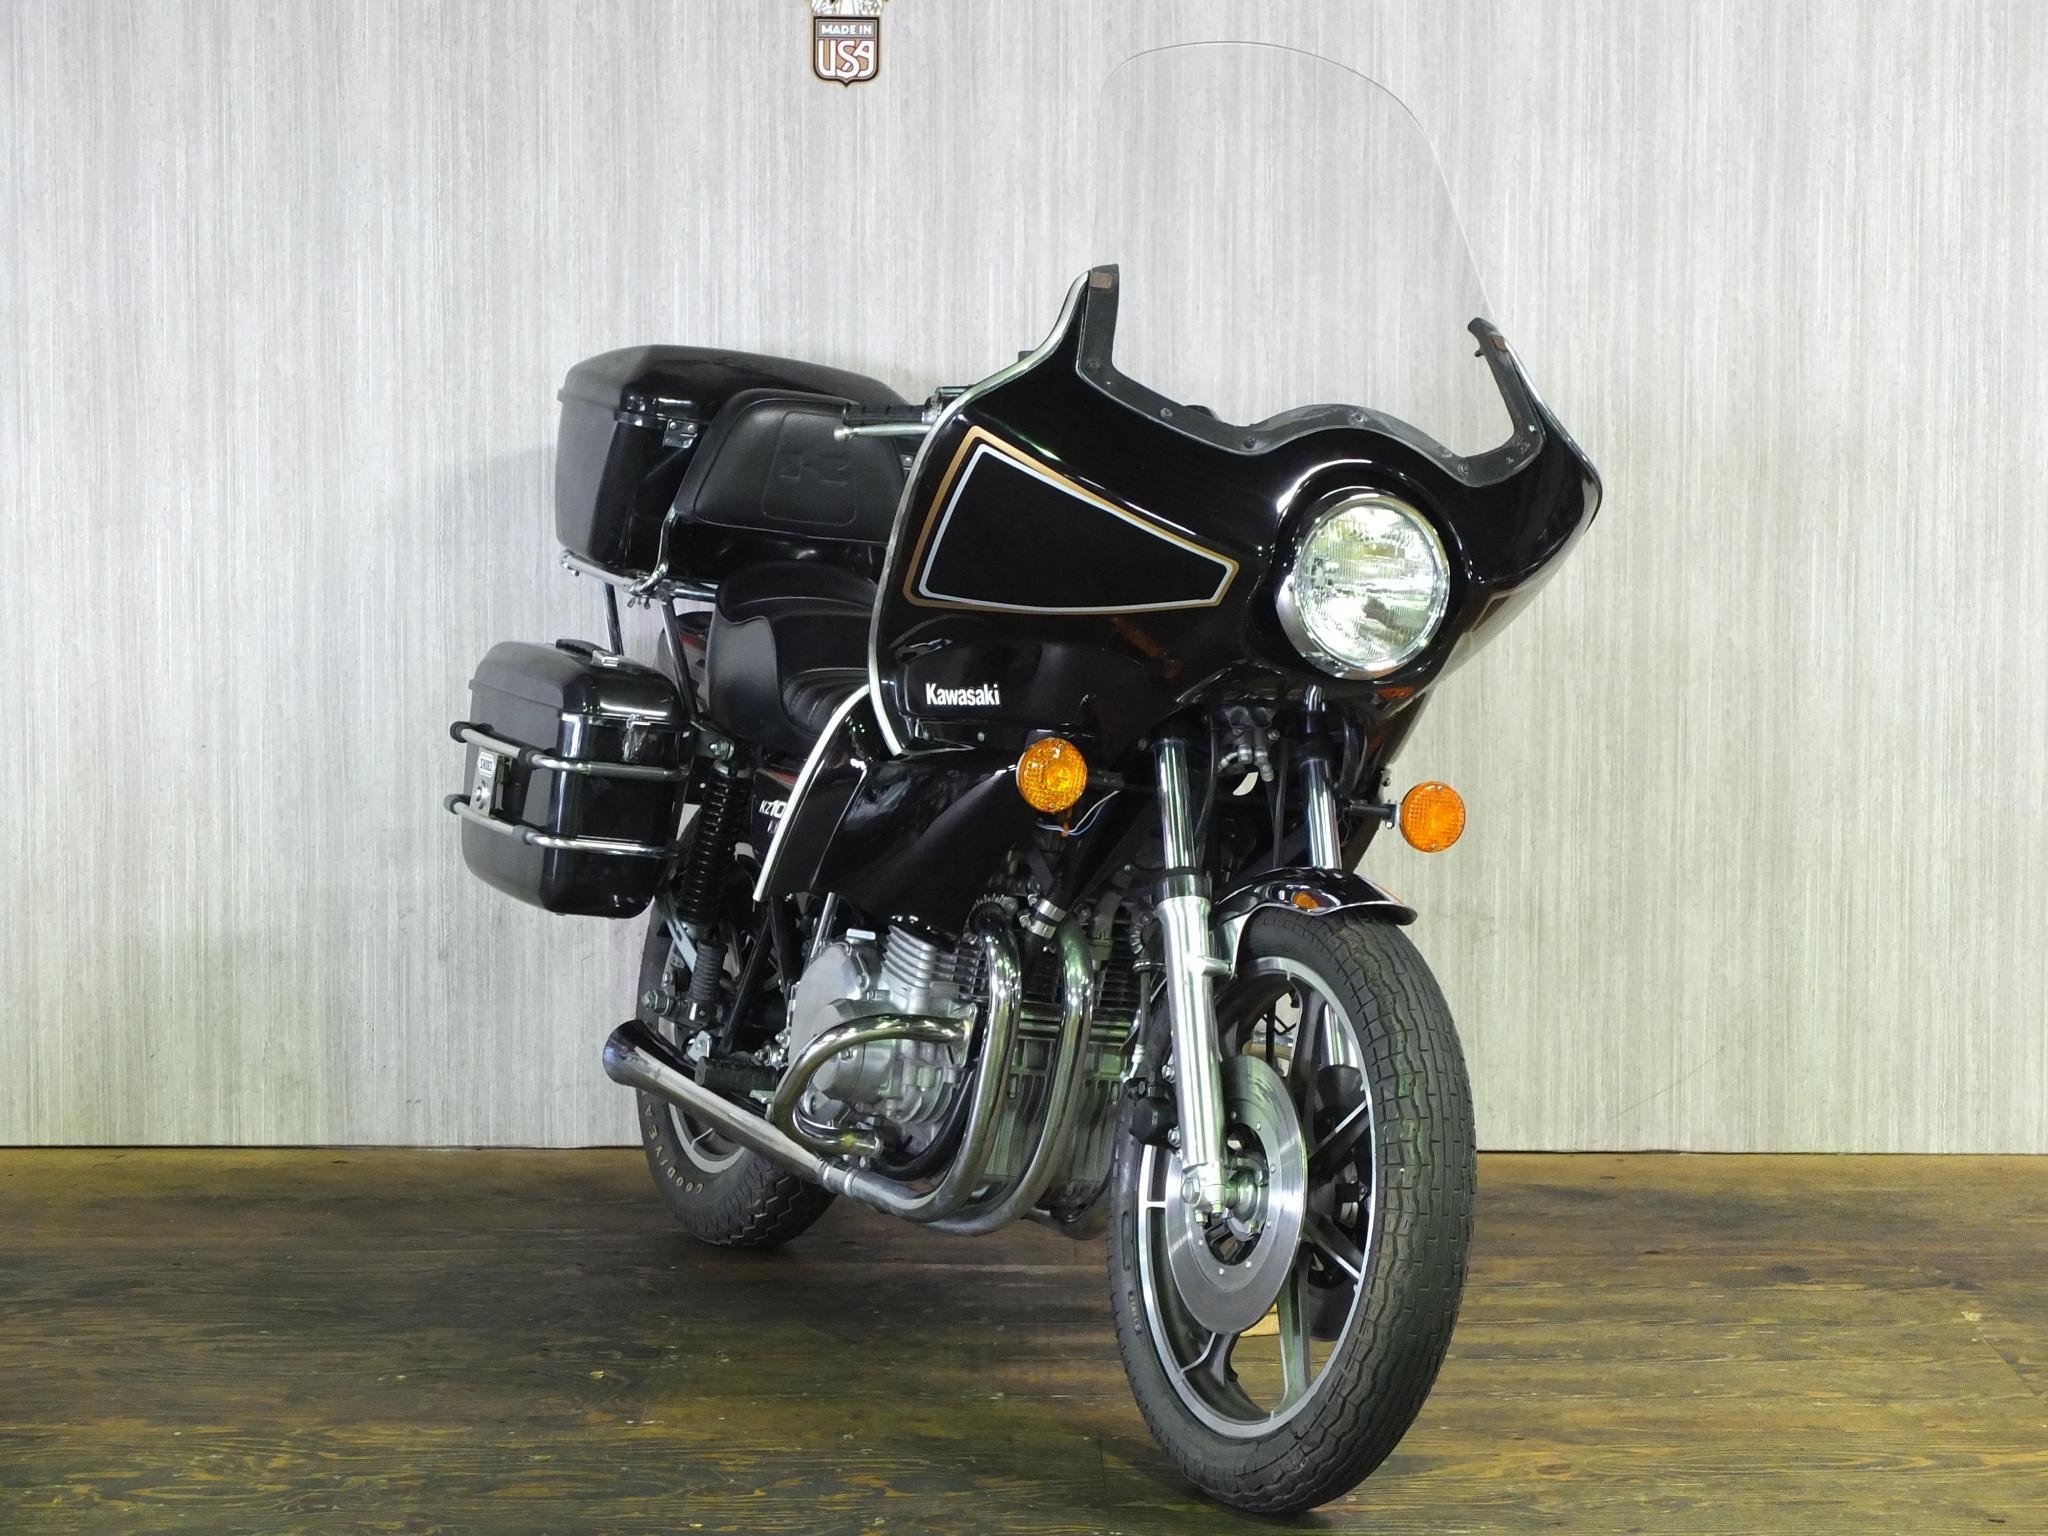 カワサキ 1977 Kawasaki KZ1000 LTD 車体写真2